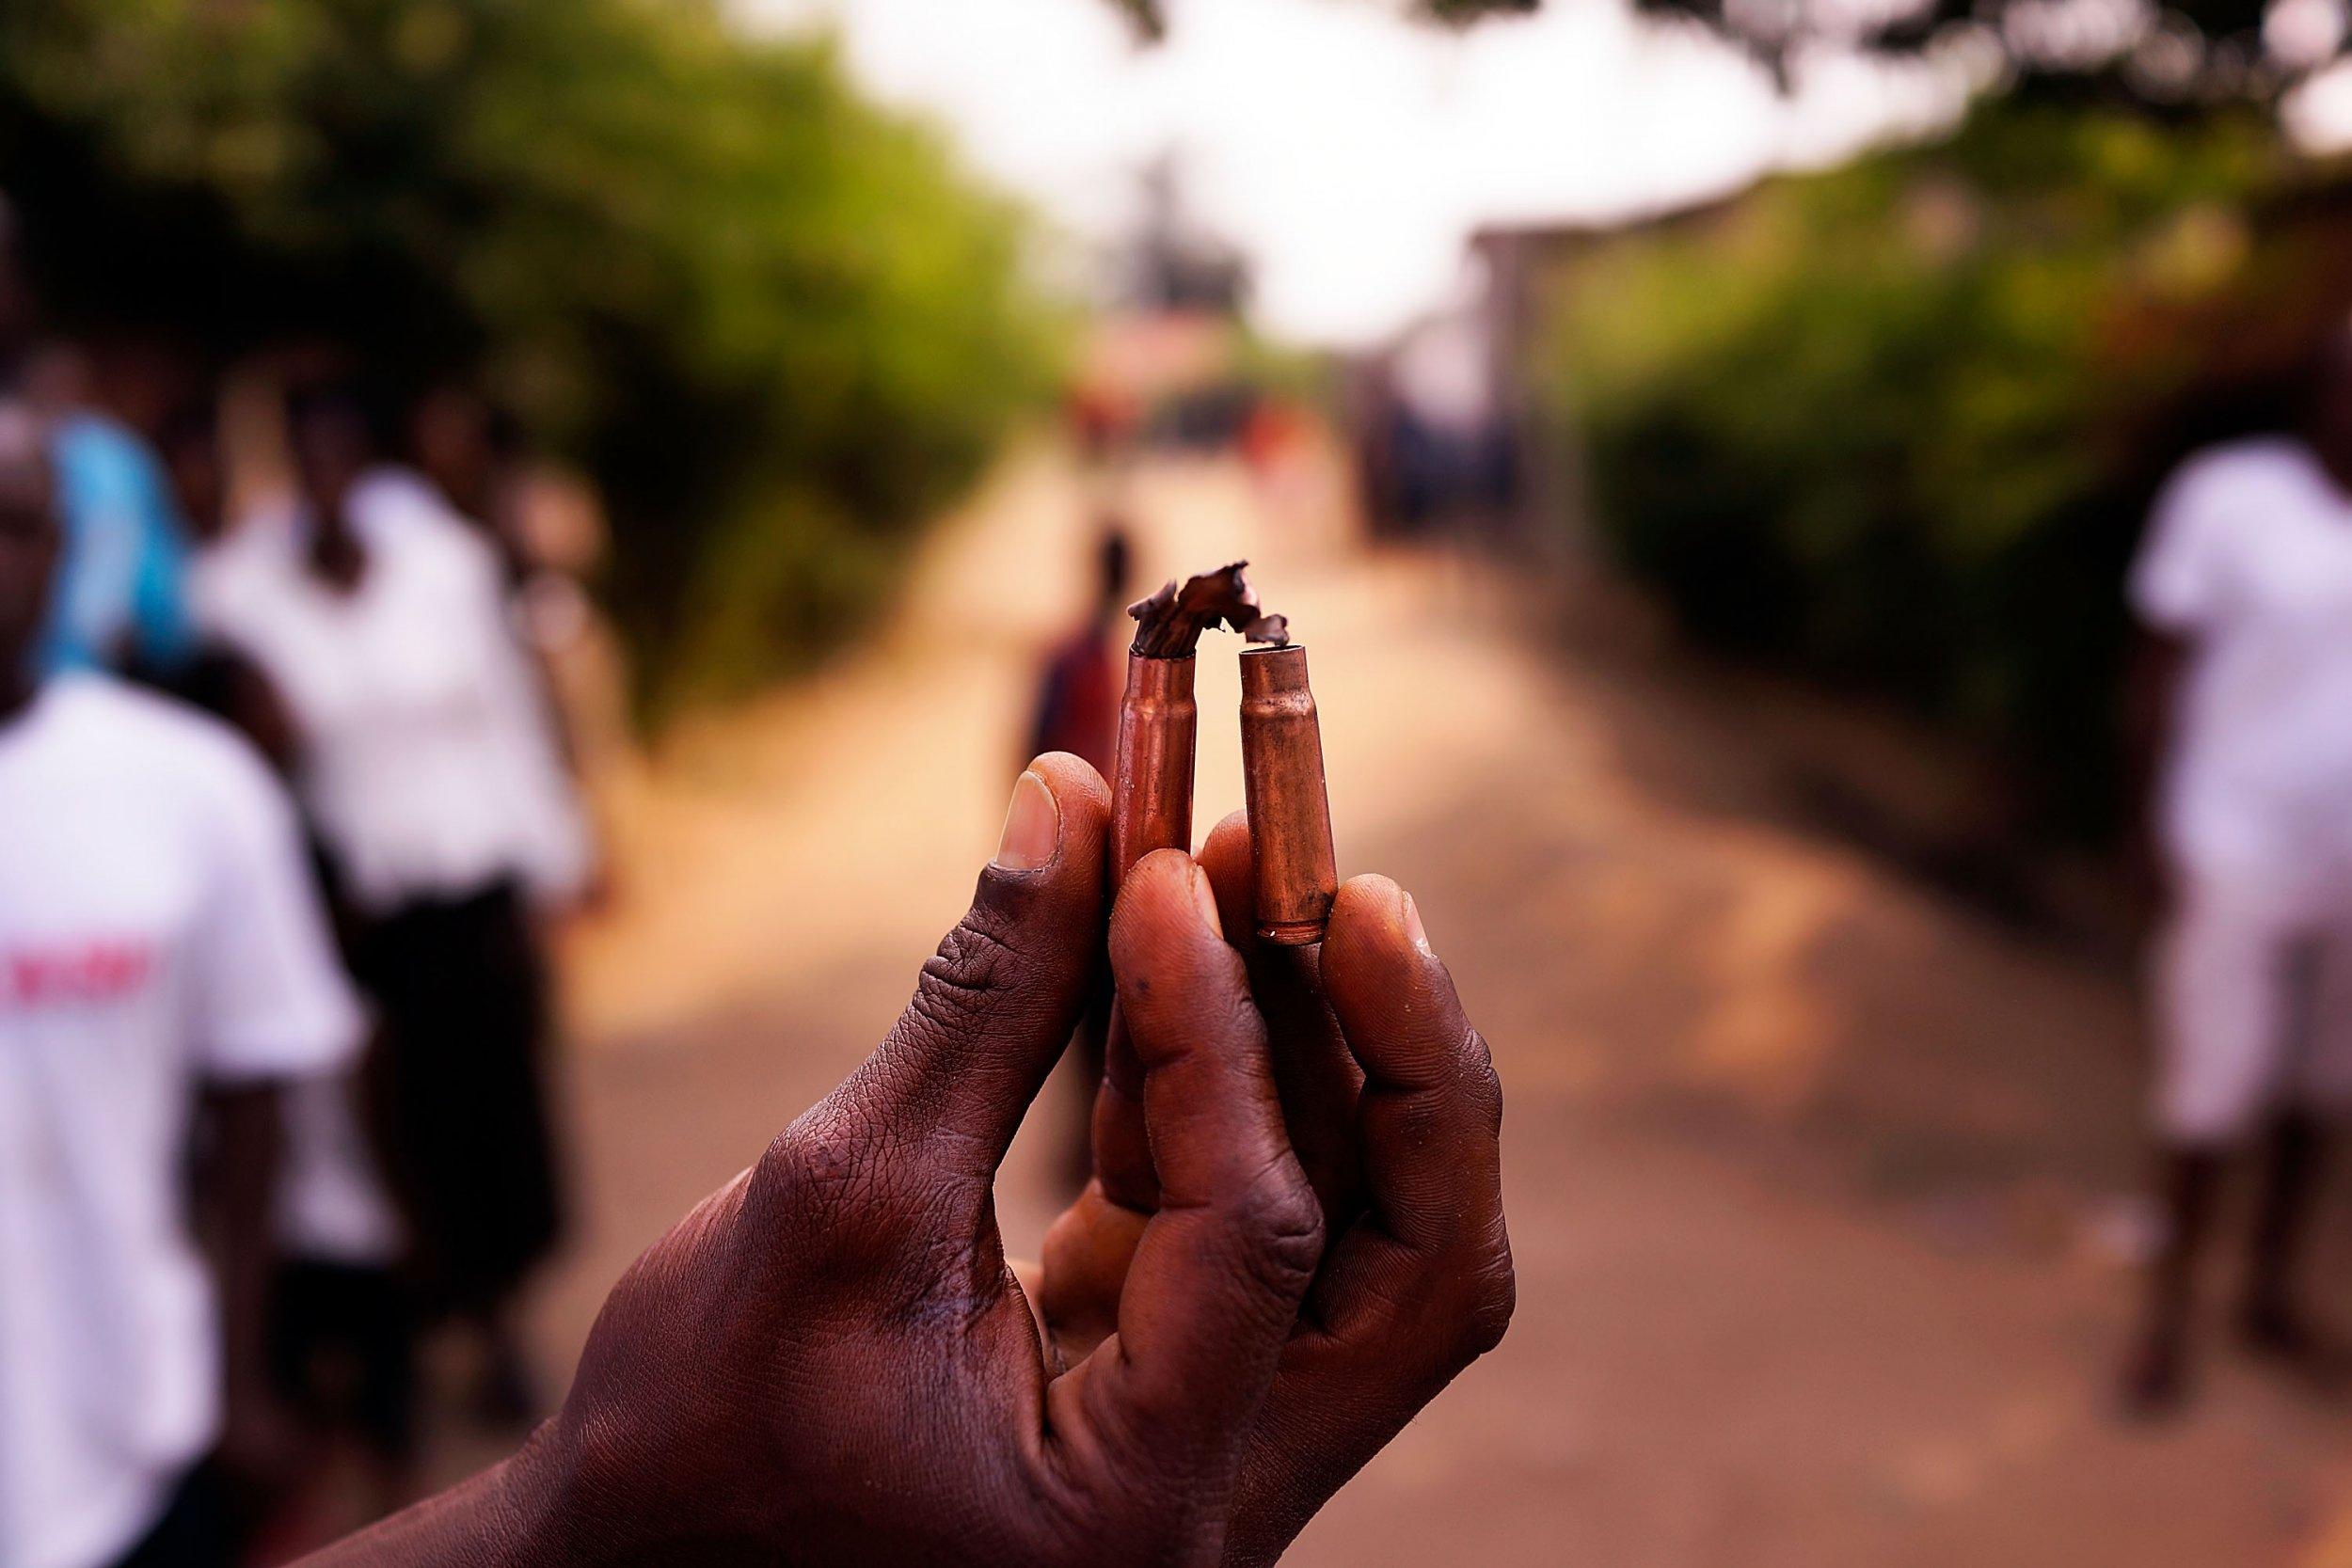 Burundi bullet casings